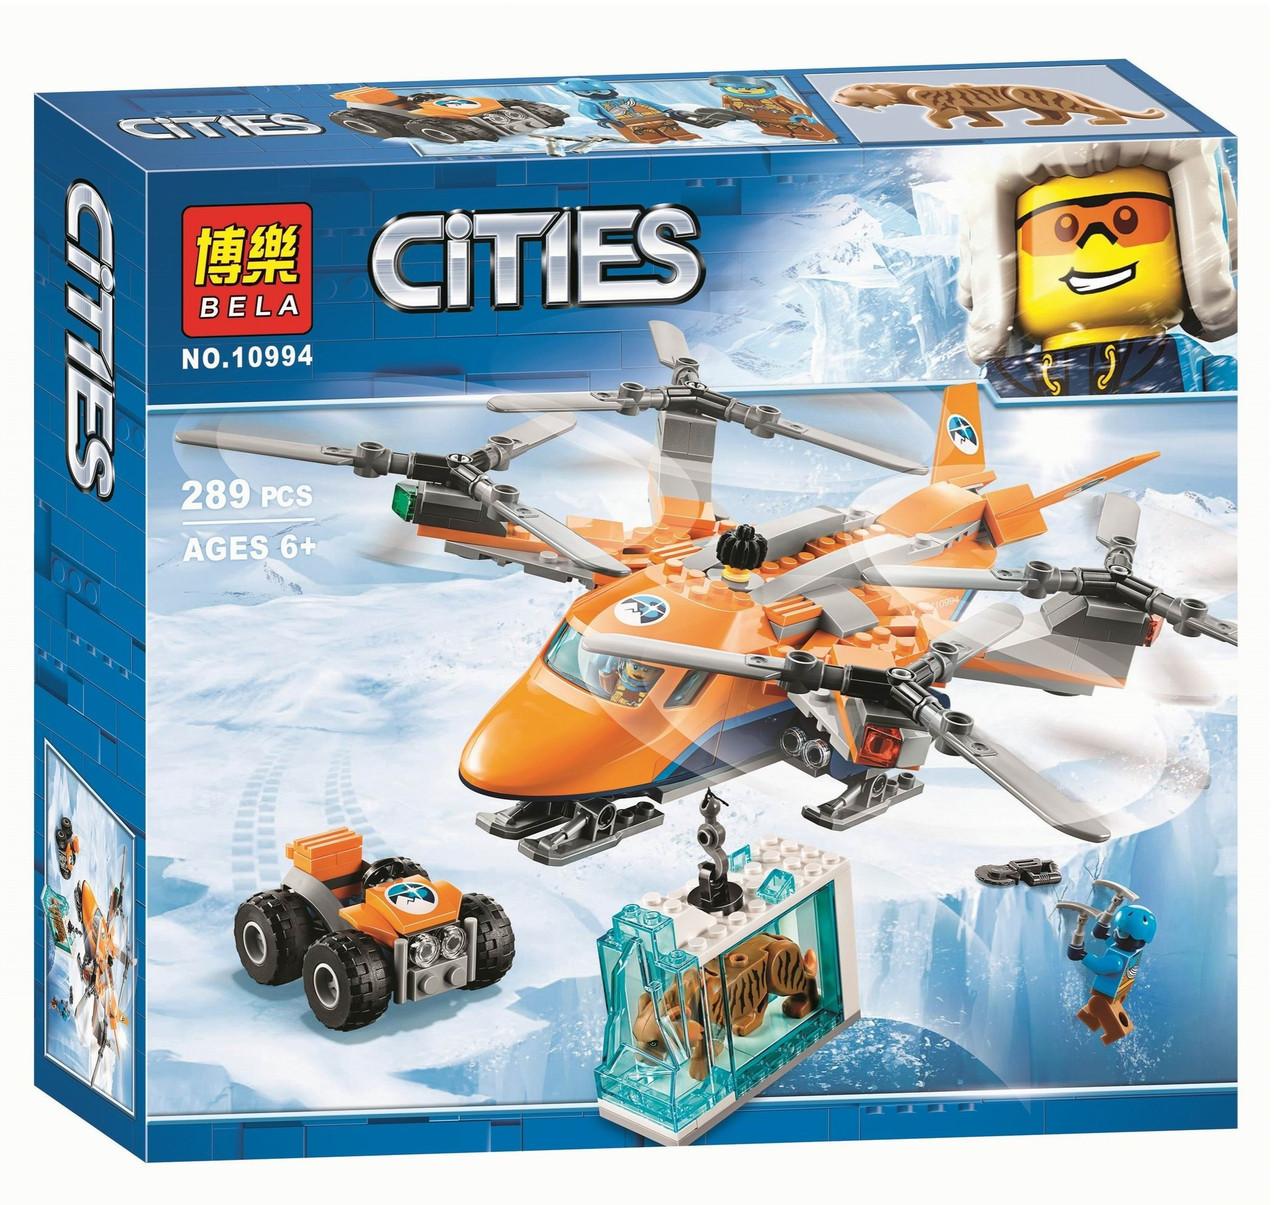 """Конструктор """"Арктический вертолет"""" Bela 10994 (аналог Лего City ), 289 деталей"""